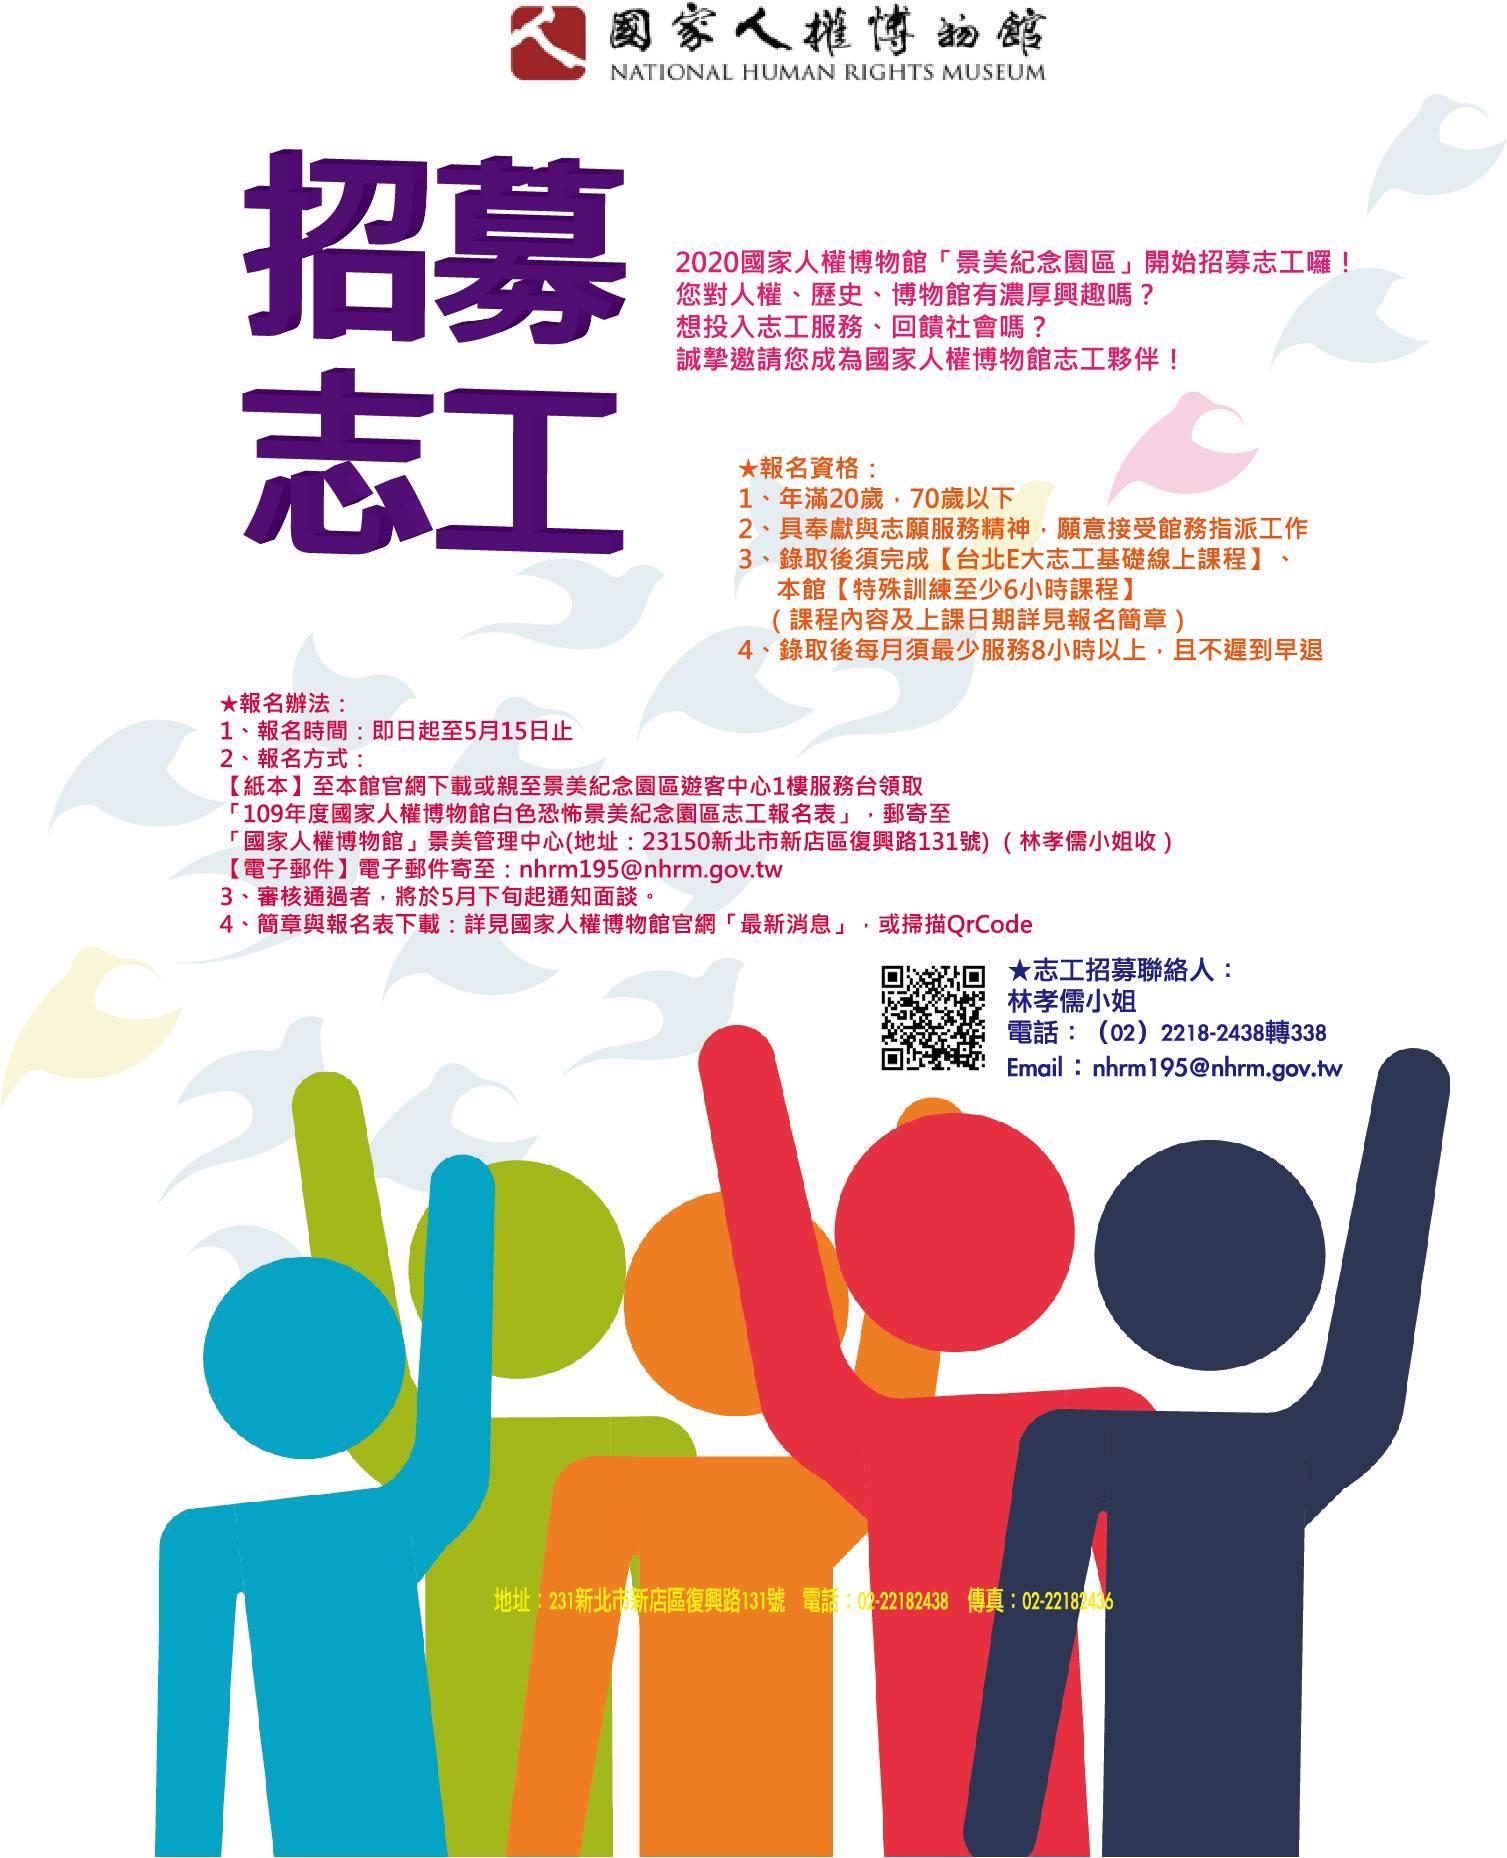 國家人權博物館:即日起-2020/05/15【「景美紀念園區」志工熱烈招募中】